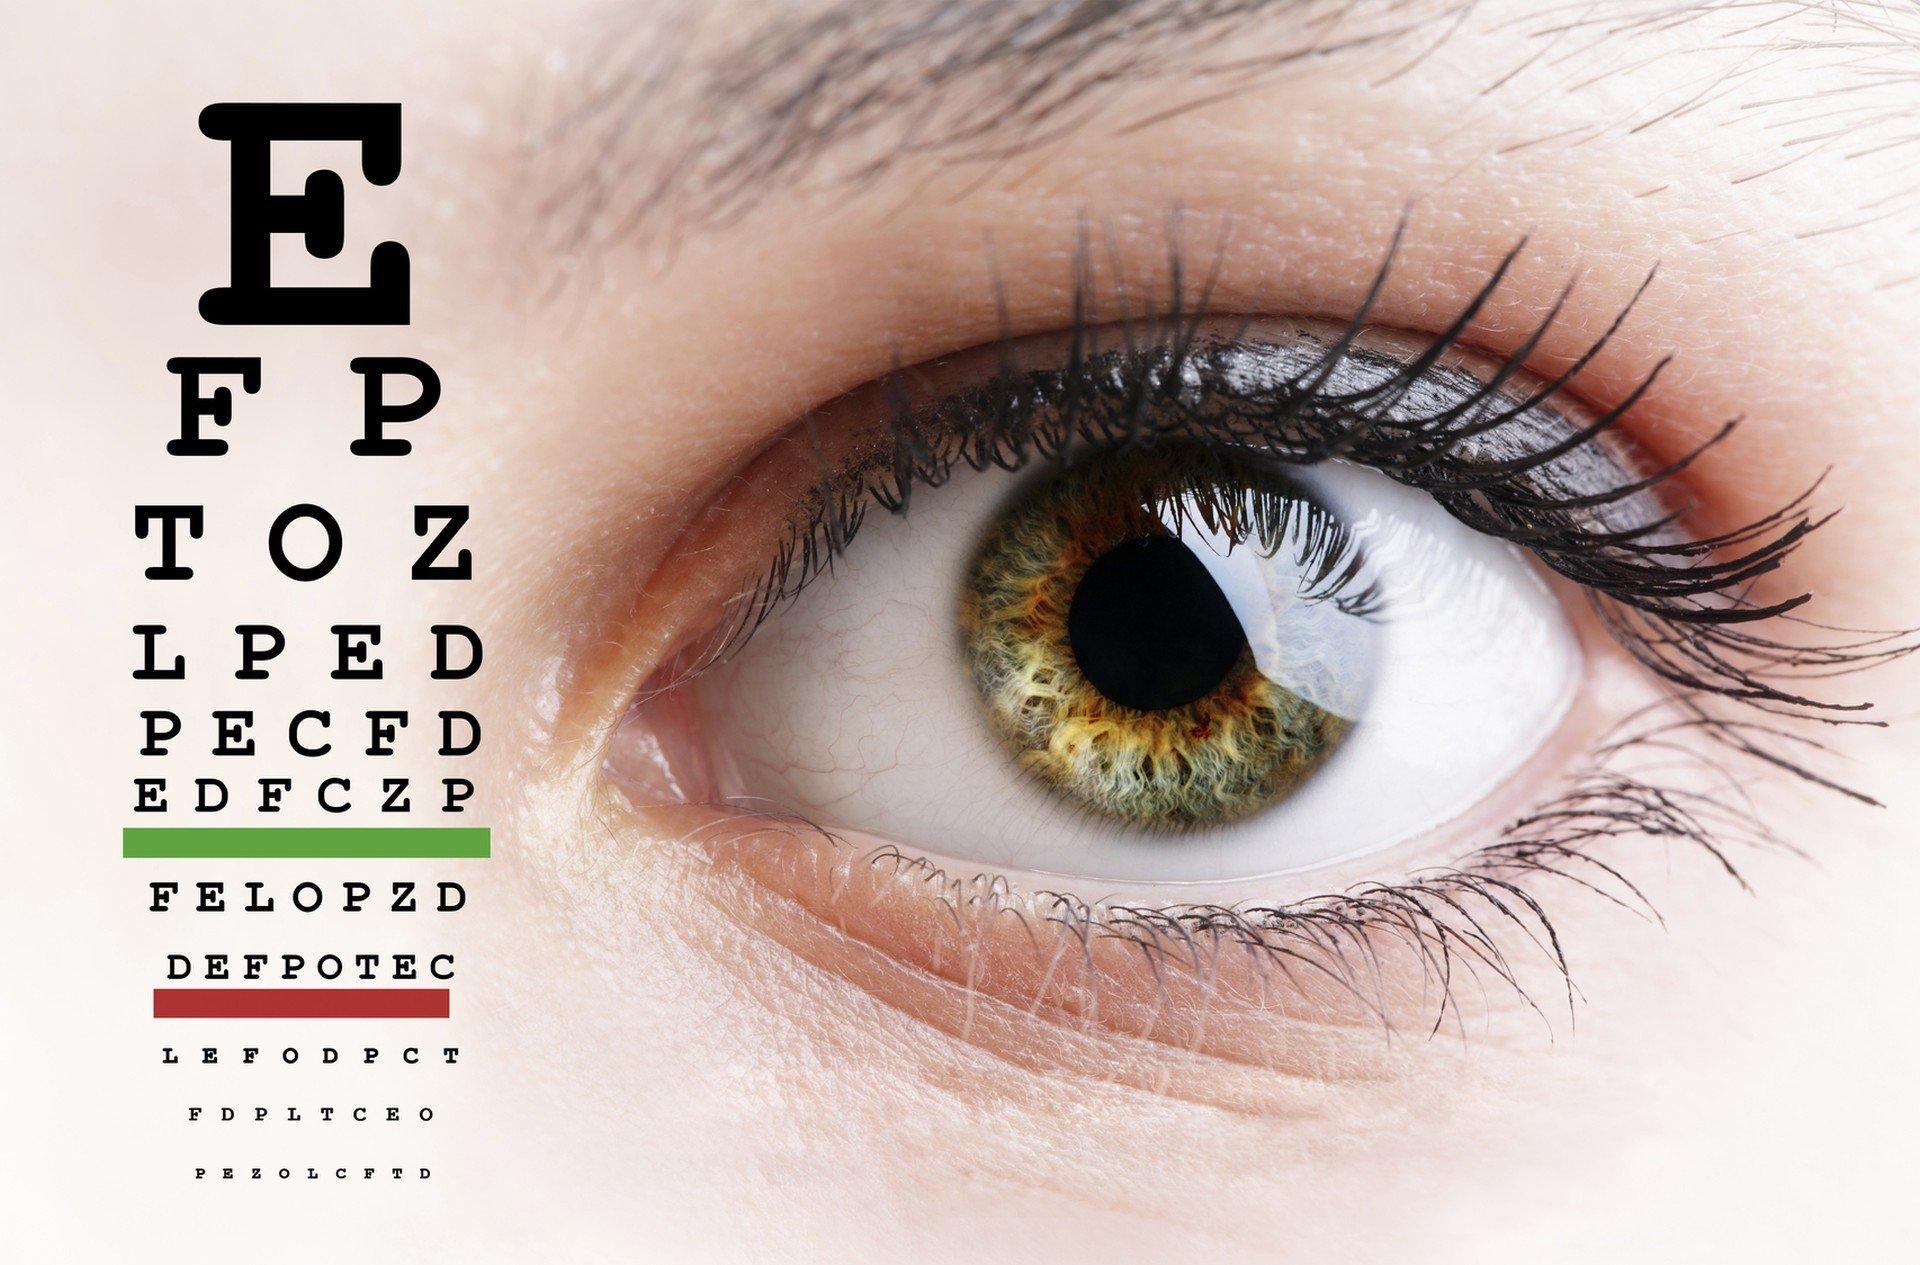 rövidlátás gyermekeknél az alternatív módszer alkalmazásával helyreállíthatja a látást a vakok számára